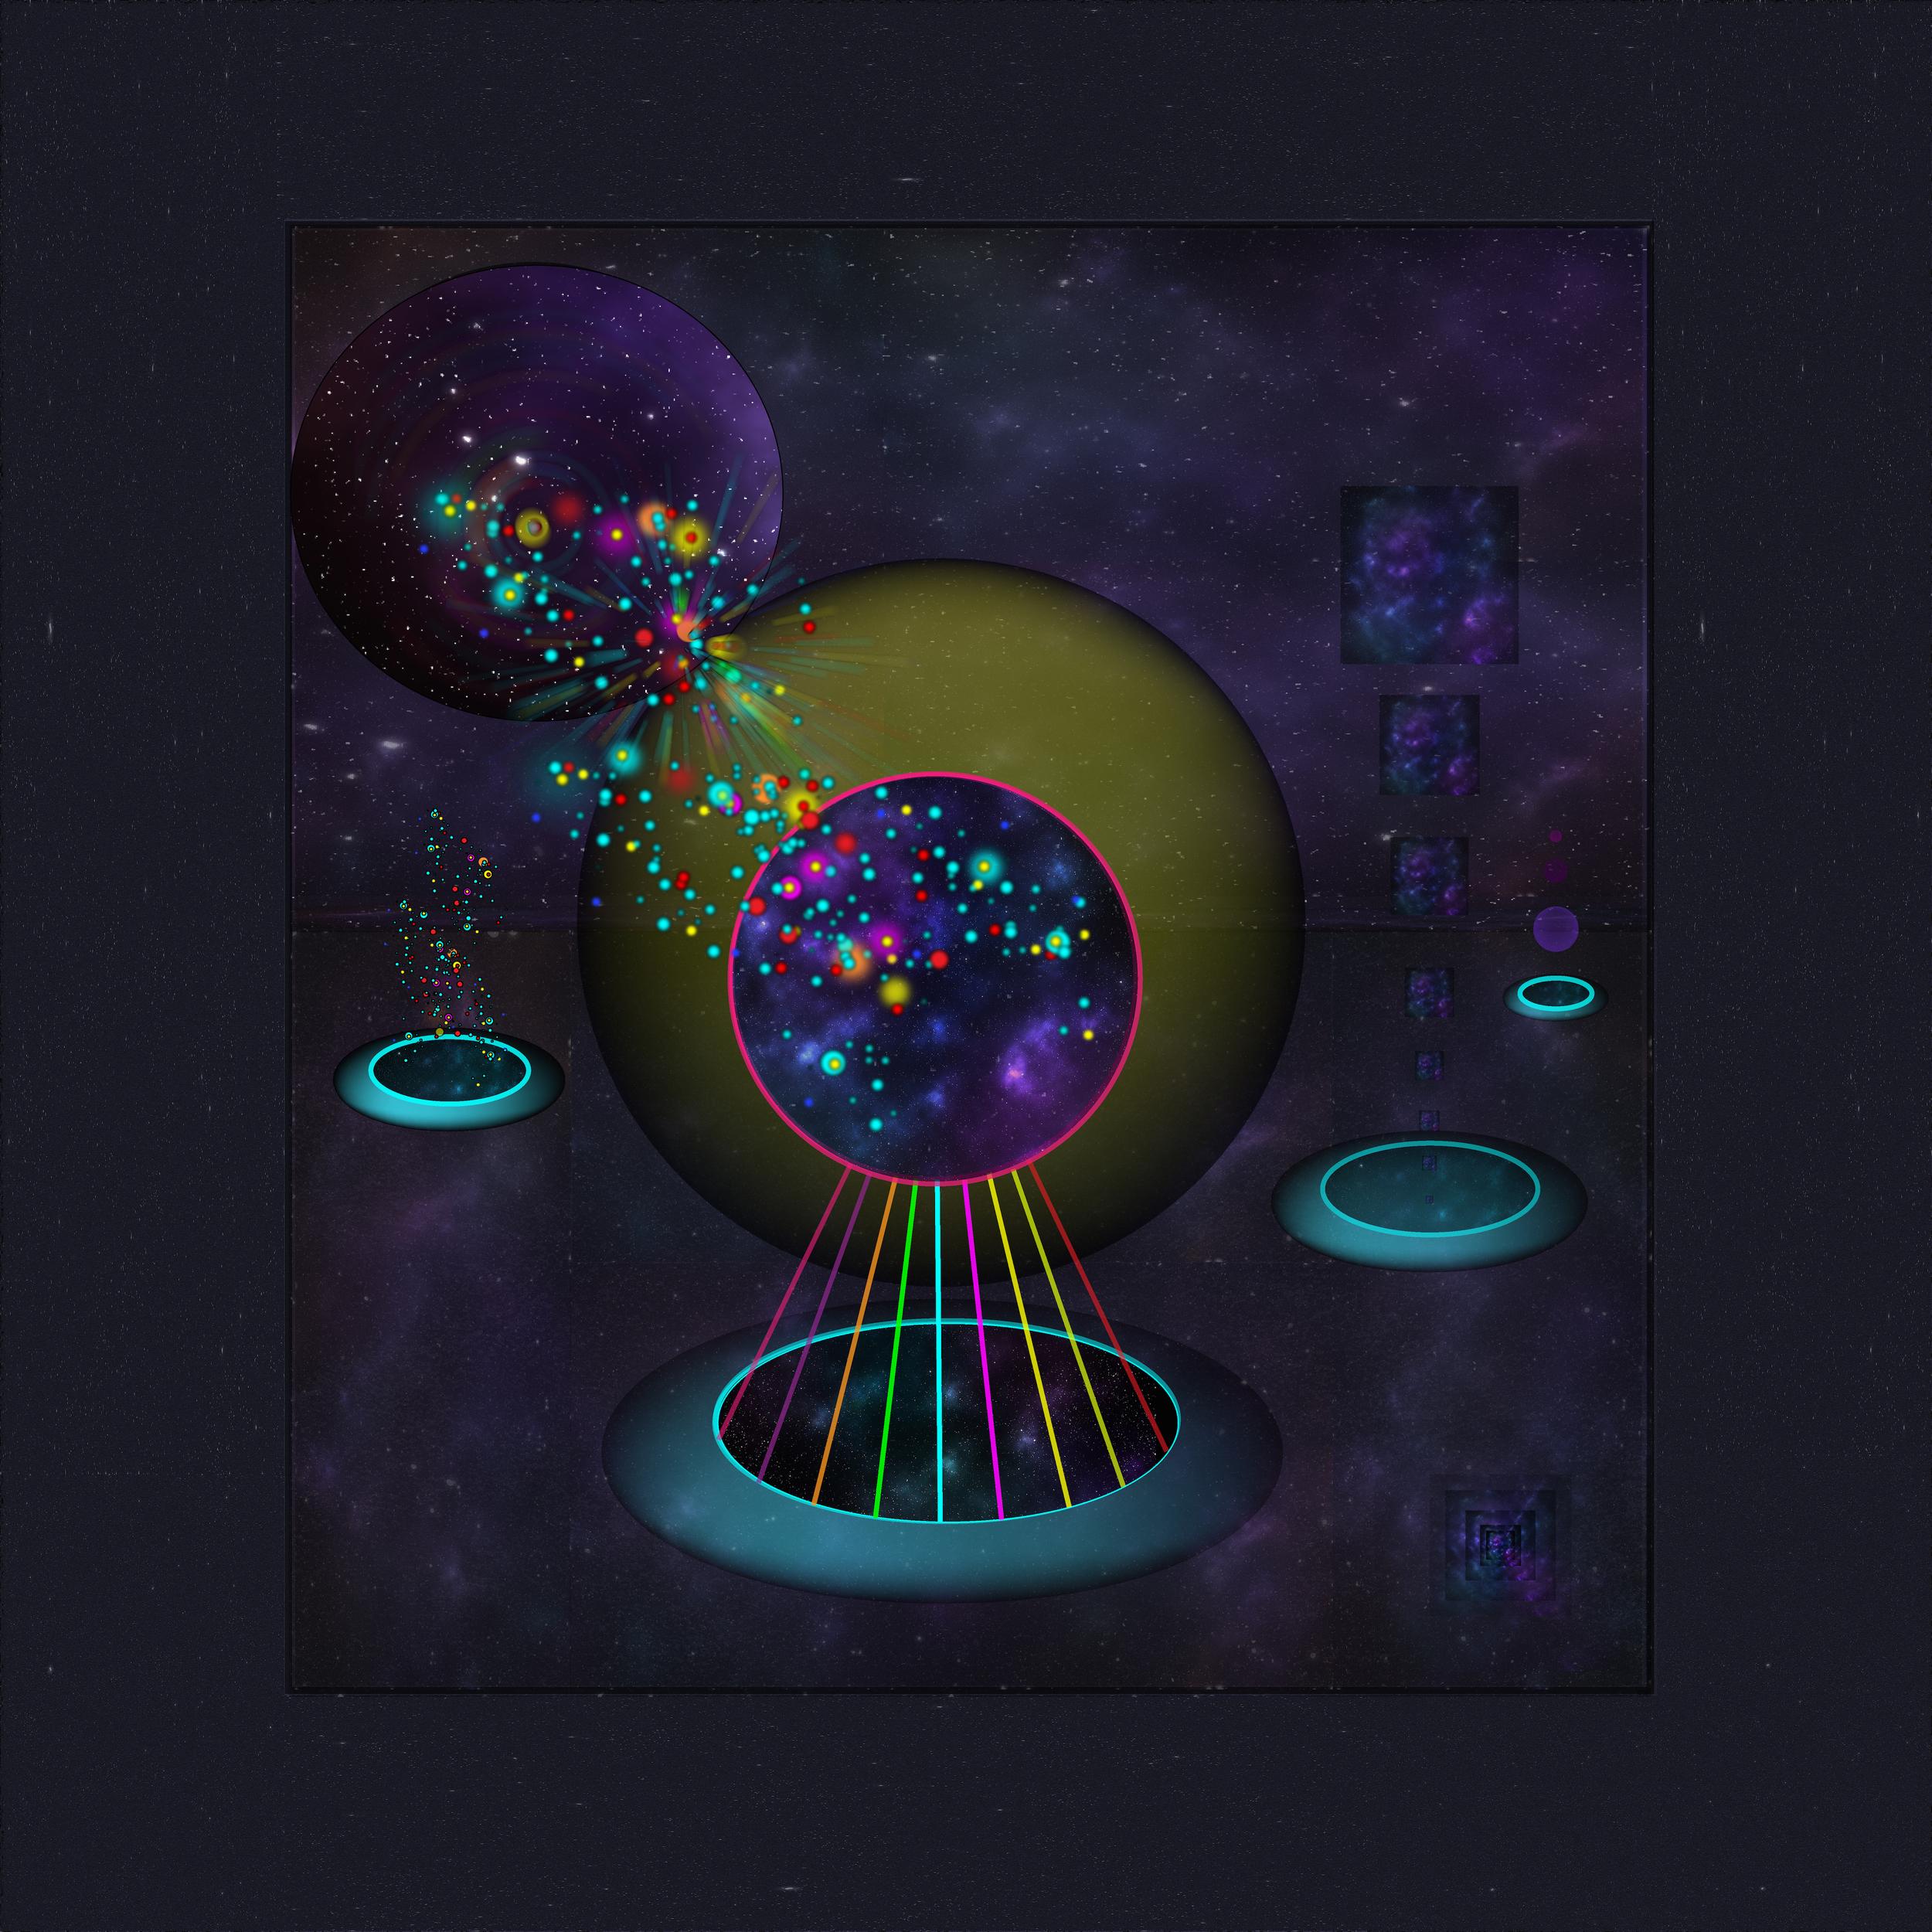 SPACECUBS_somethingforus_albumcover_final_UPDATE-01.jpg